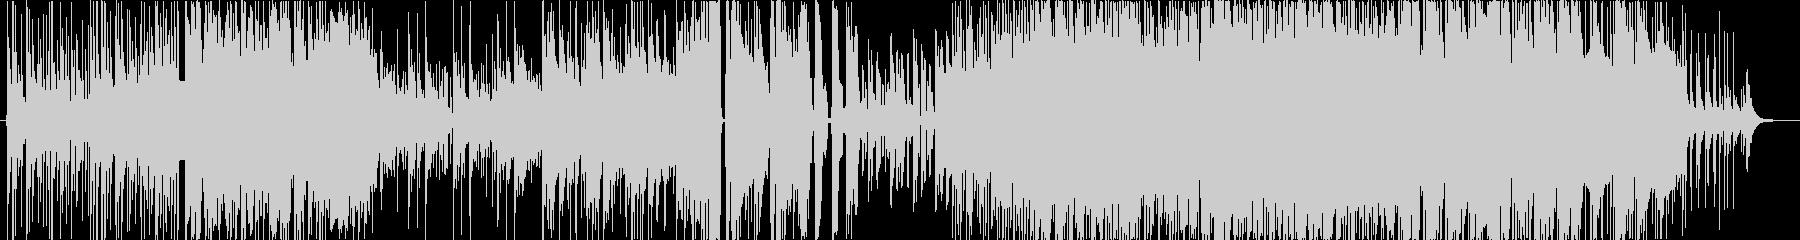 三味線主体の激しくダークな和風ロックの未再生の波形